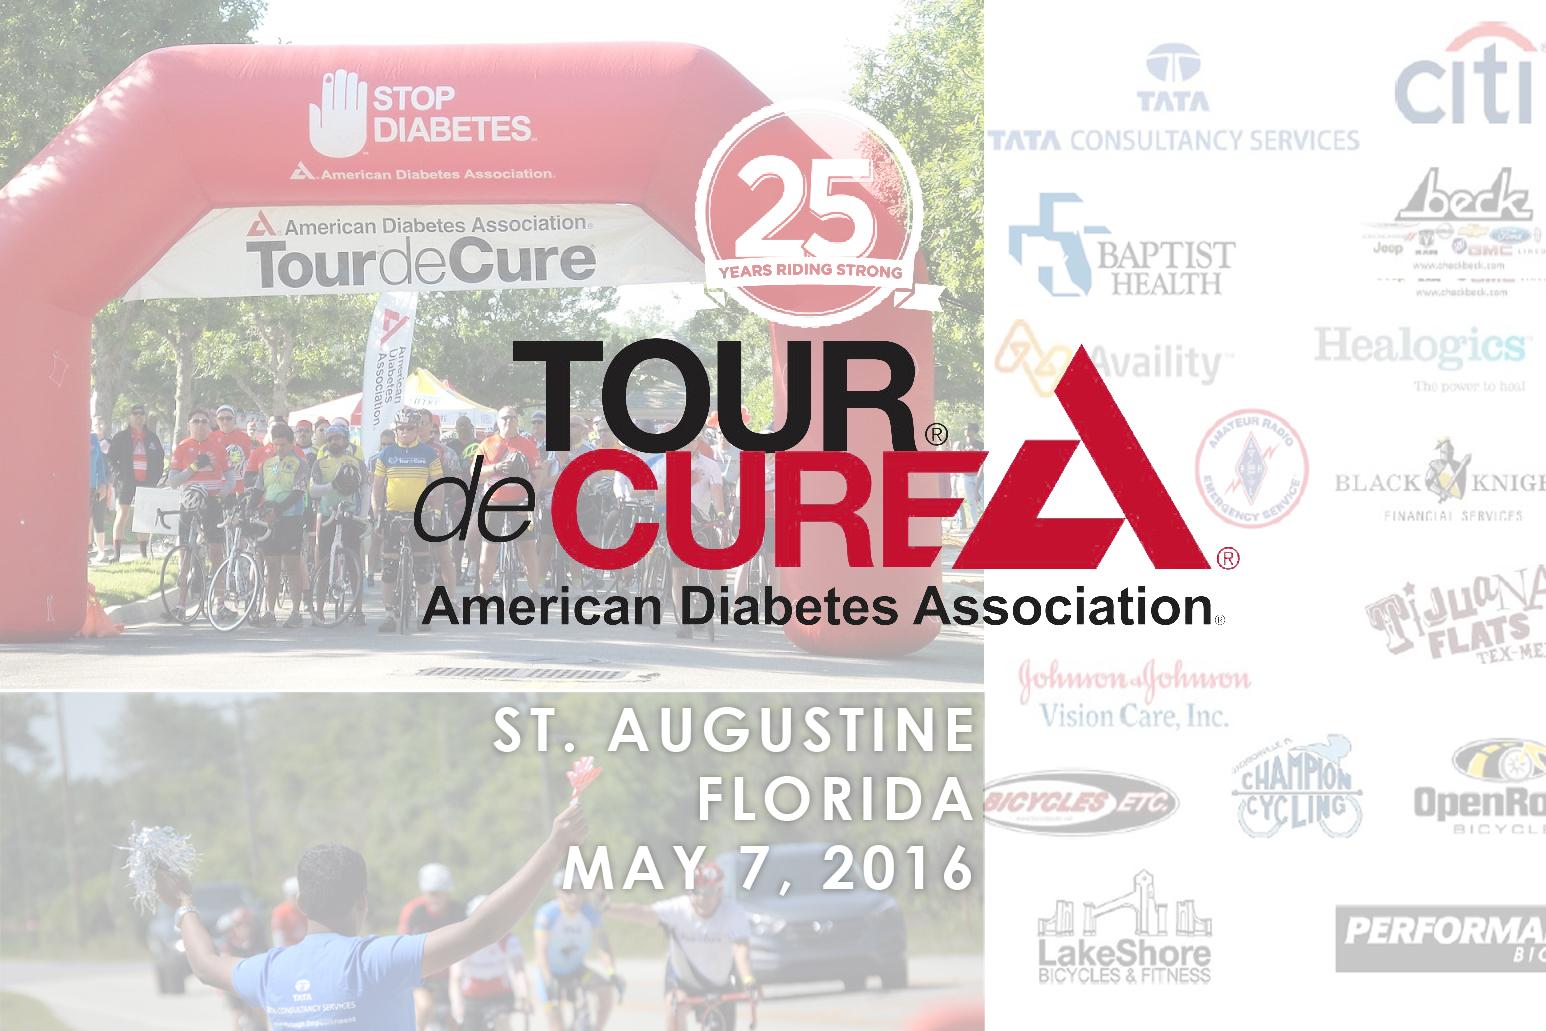 Tour de Cure 2016 | Biking for a cause